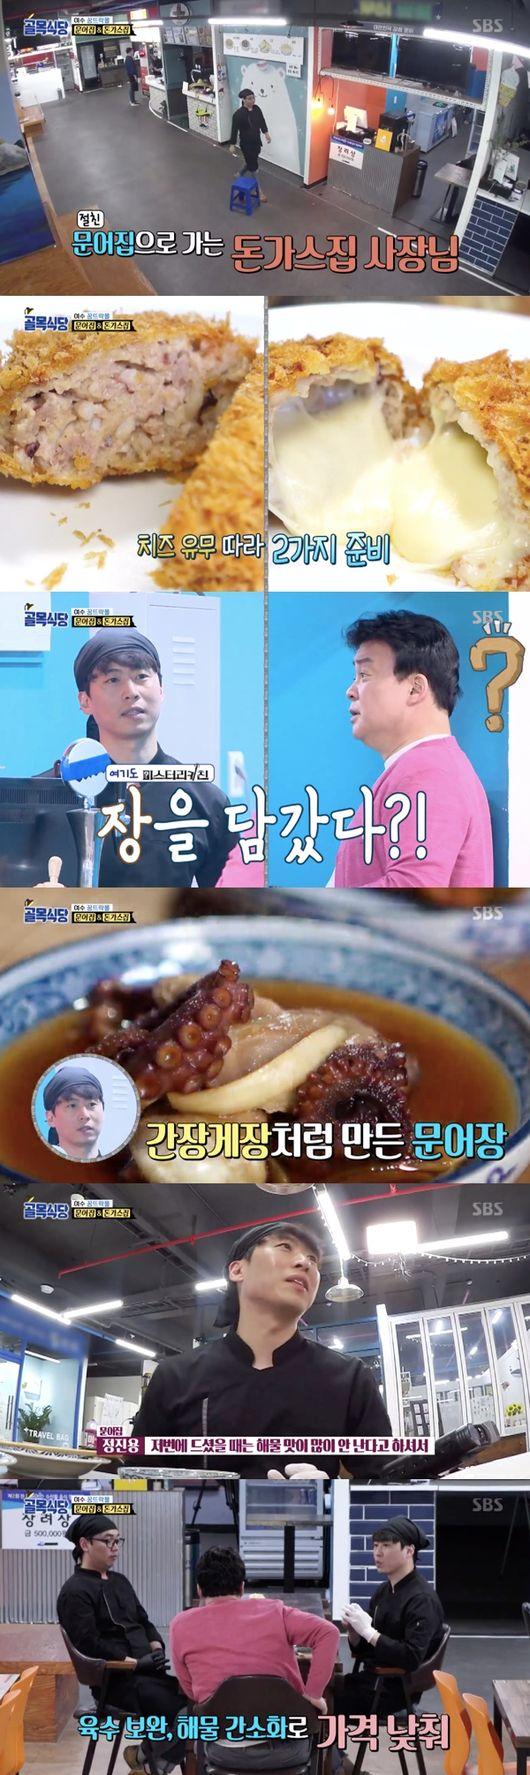 SBS '백종원의 골목식당' 방송화면 캡처